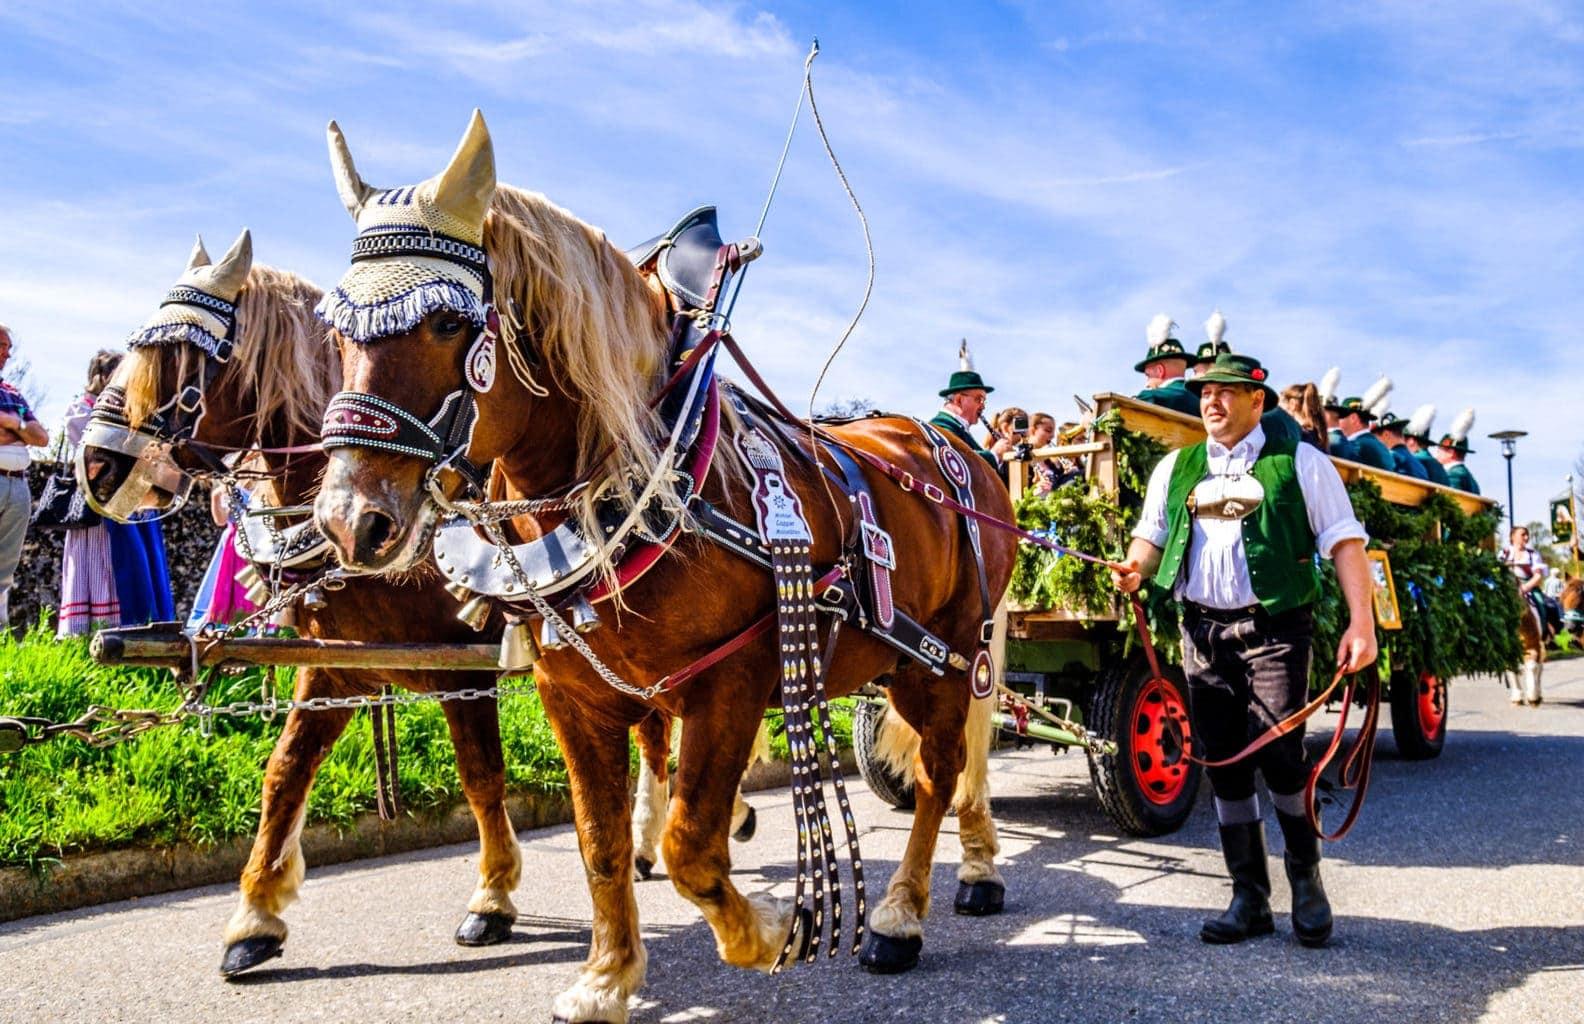 Traditionele optocht met paarden in Beieren